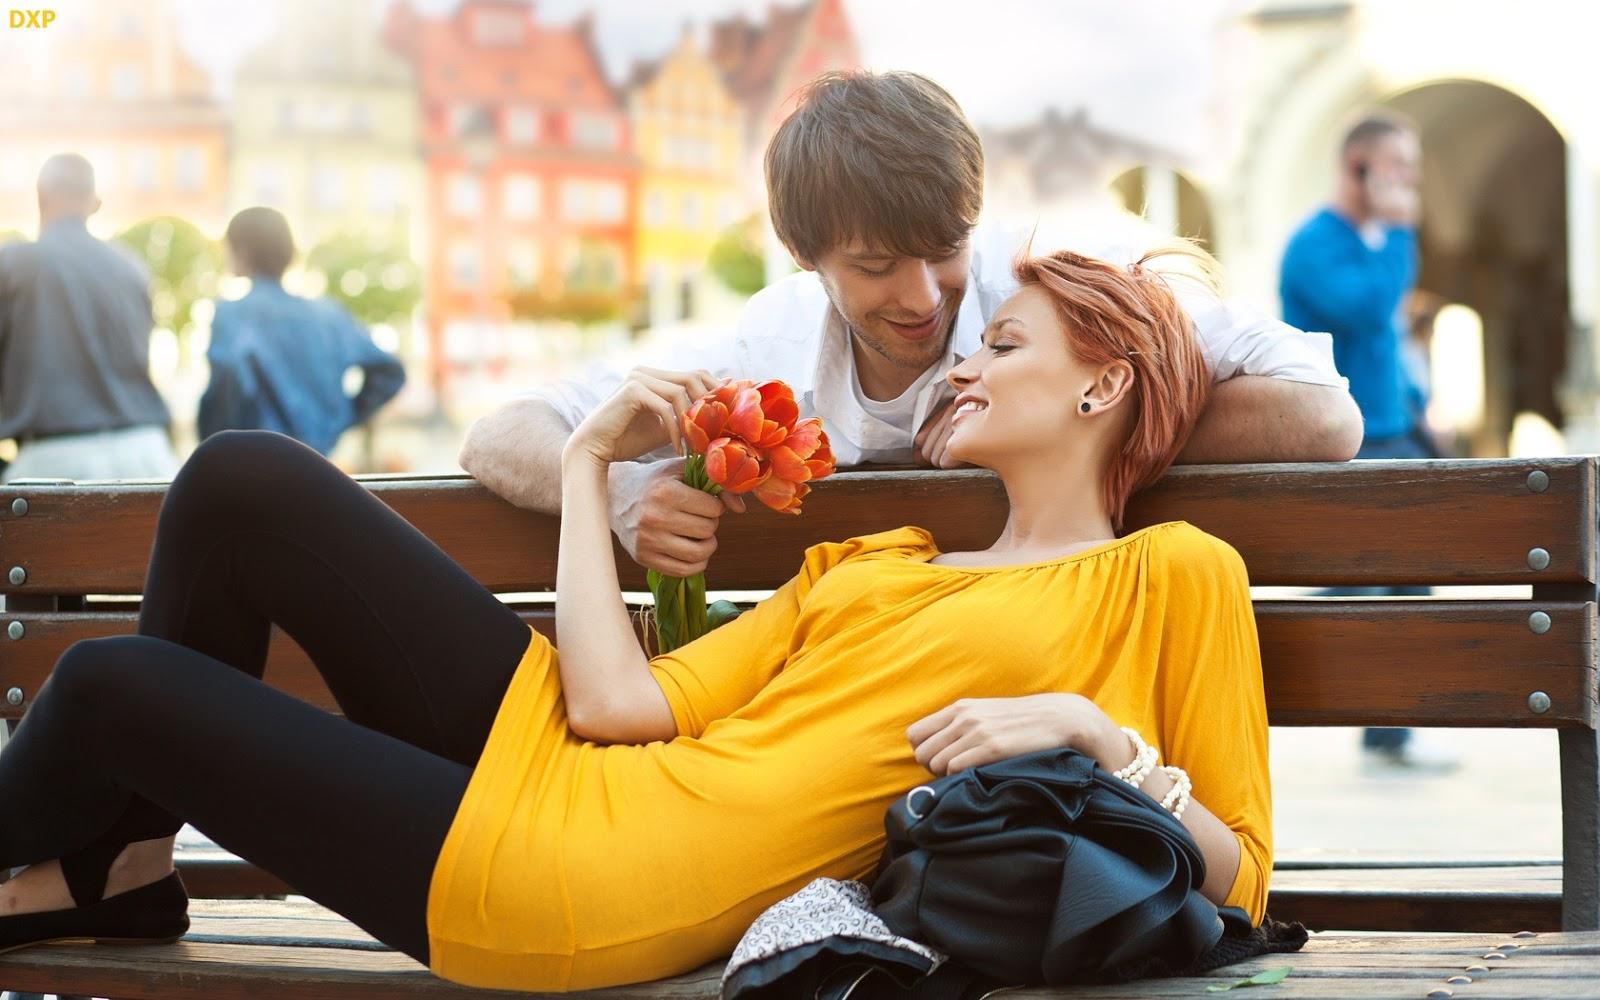 بالصور صور رومانسيه للعشاق , صور تعبر عن الحب والشغف بين العشاق 3283 4